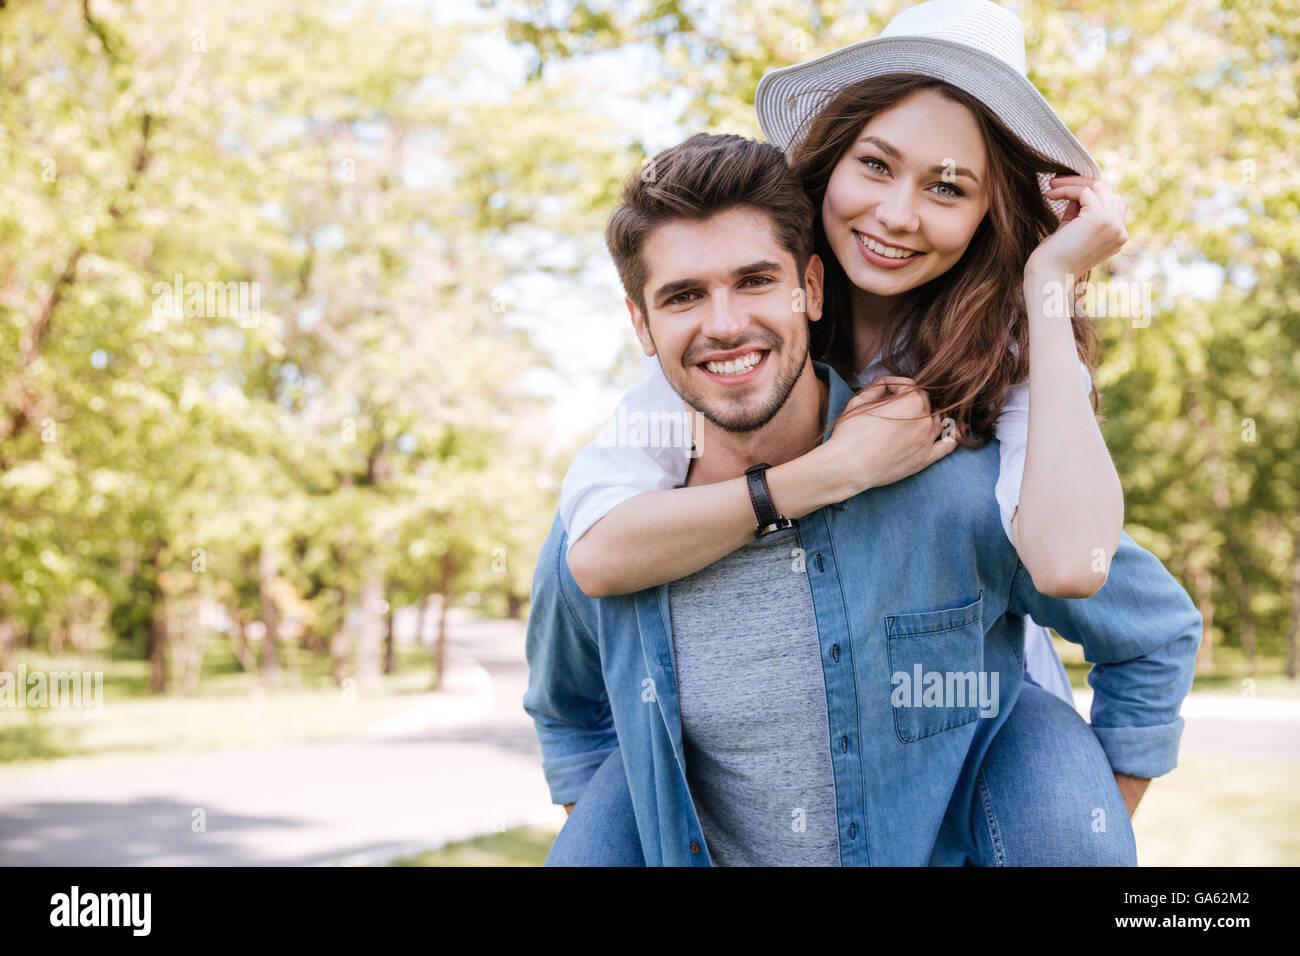 Ritratto di un giovane felice coppia sorridente avendo divertimento all'aperto nel parco Foto Stock